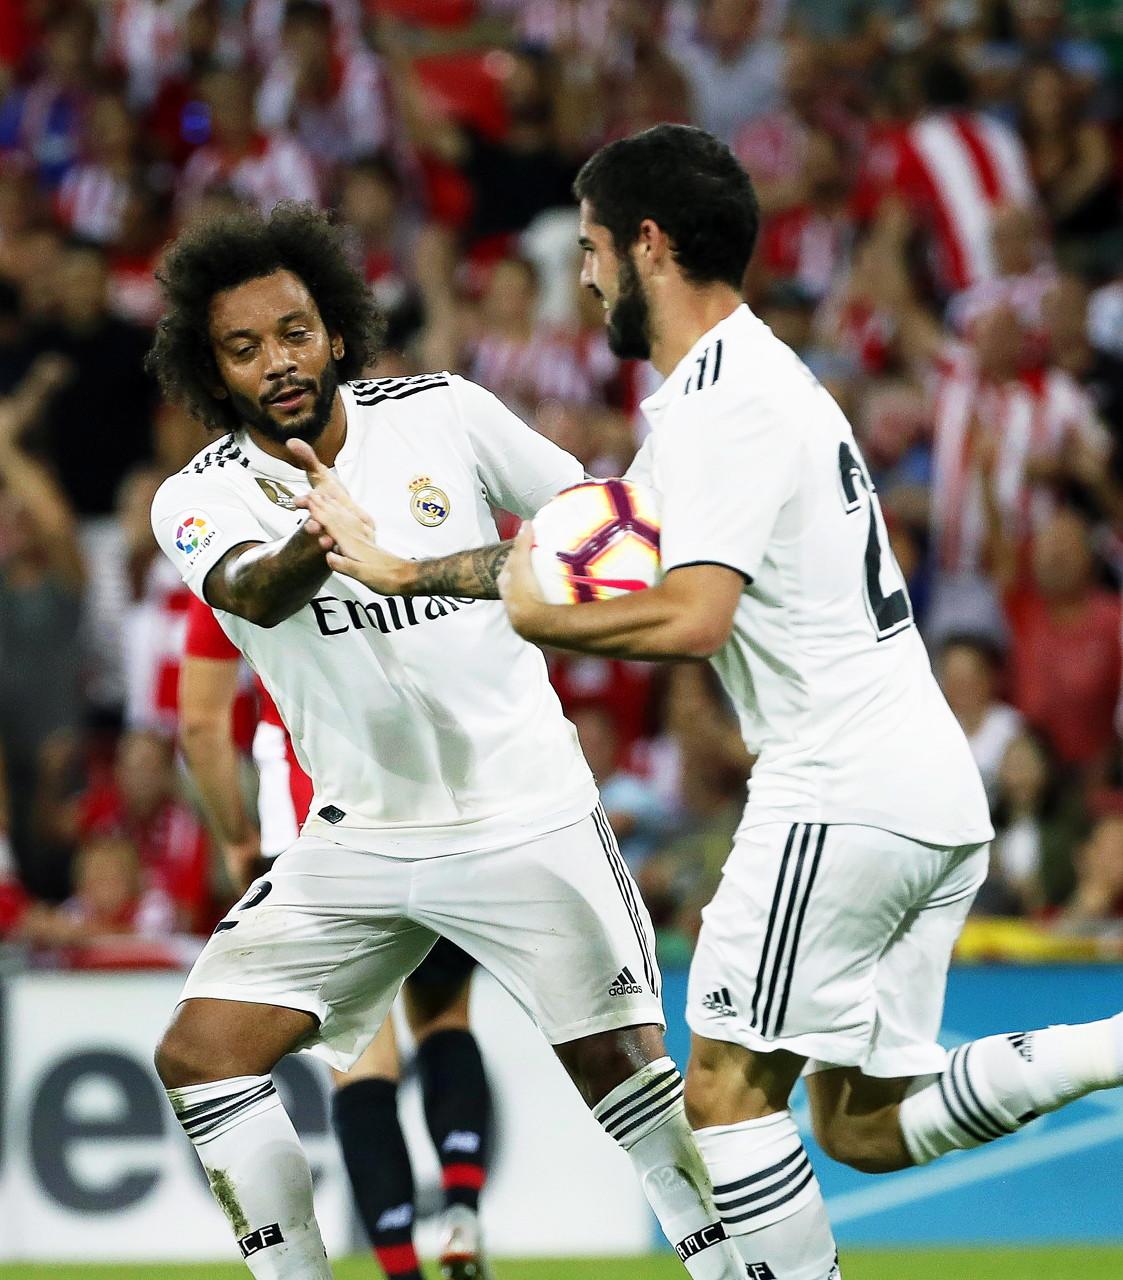 强势归来,对阵塞尔塔马塞洛送出本赛季联赛首次助攻